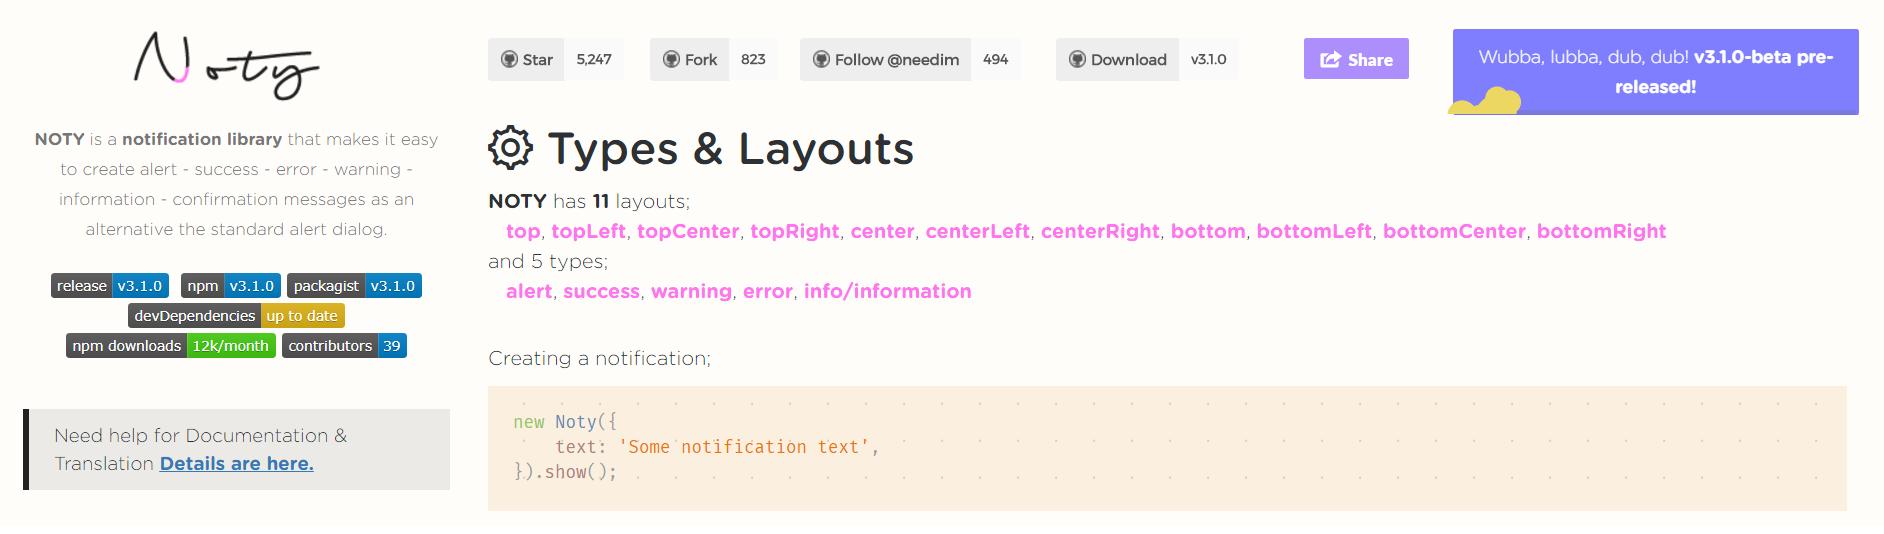 Noty.js V3 — шикарная javascript библиотека для создания уведомлений. А также готовый плагин для vuejs - 1